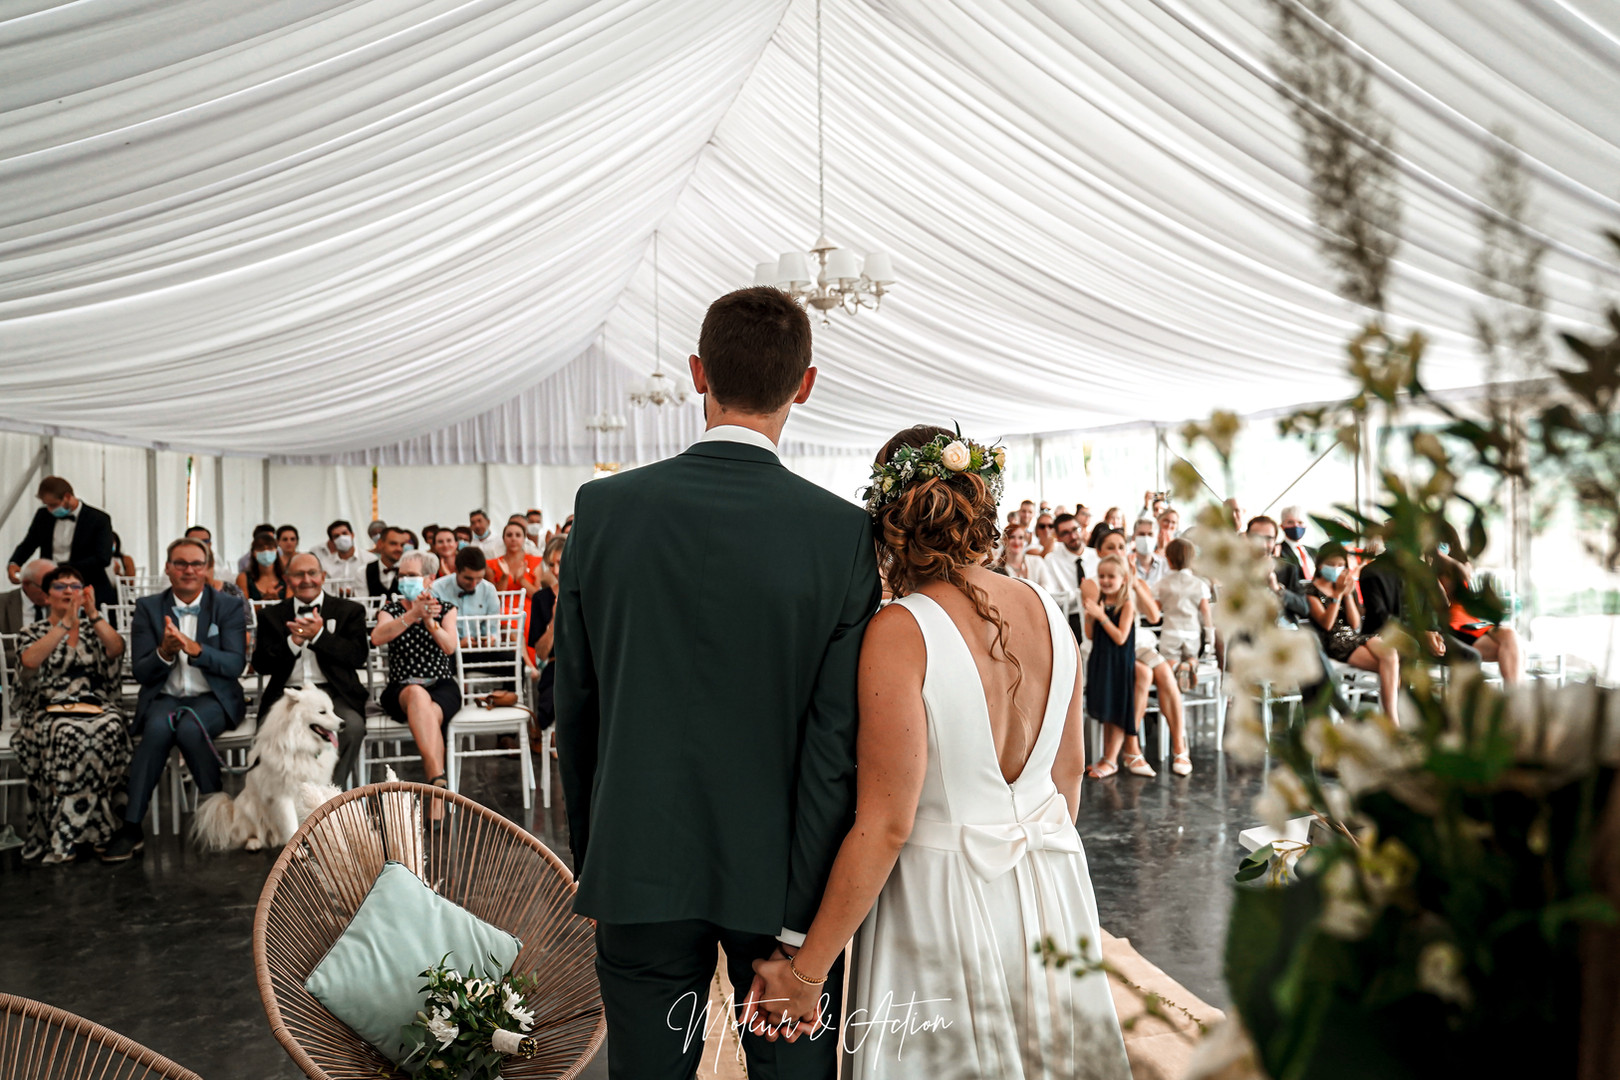 DSC00059.jpgphoto moteur et action photographe macon mariage numerisation videaste film